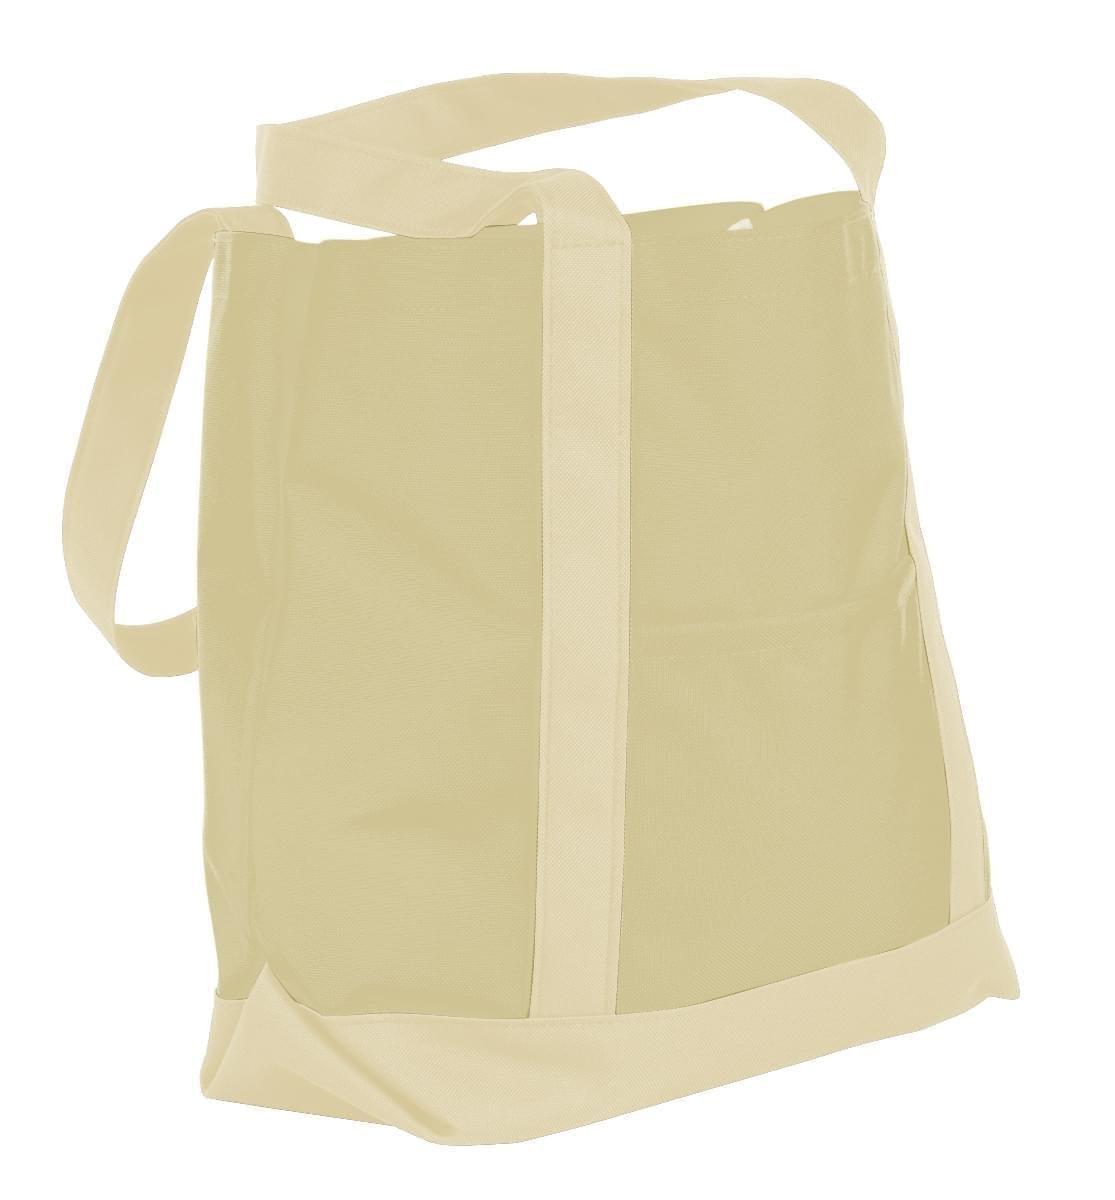 USA Made Canvas Fashion Tote Bags, Natural-Natural, XAACL1UAKA